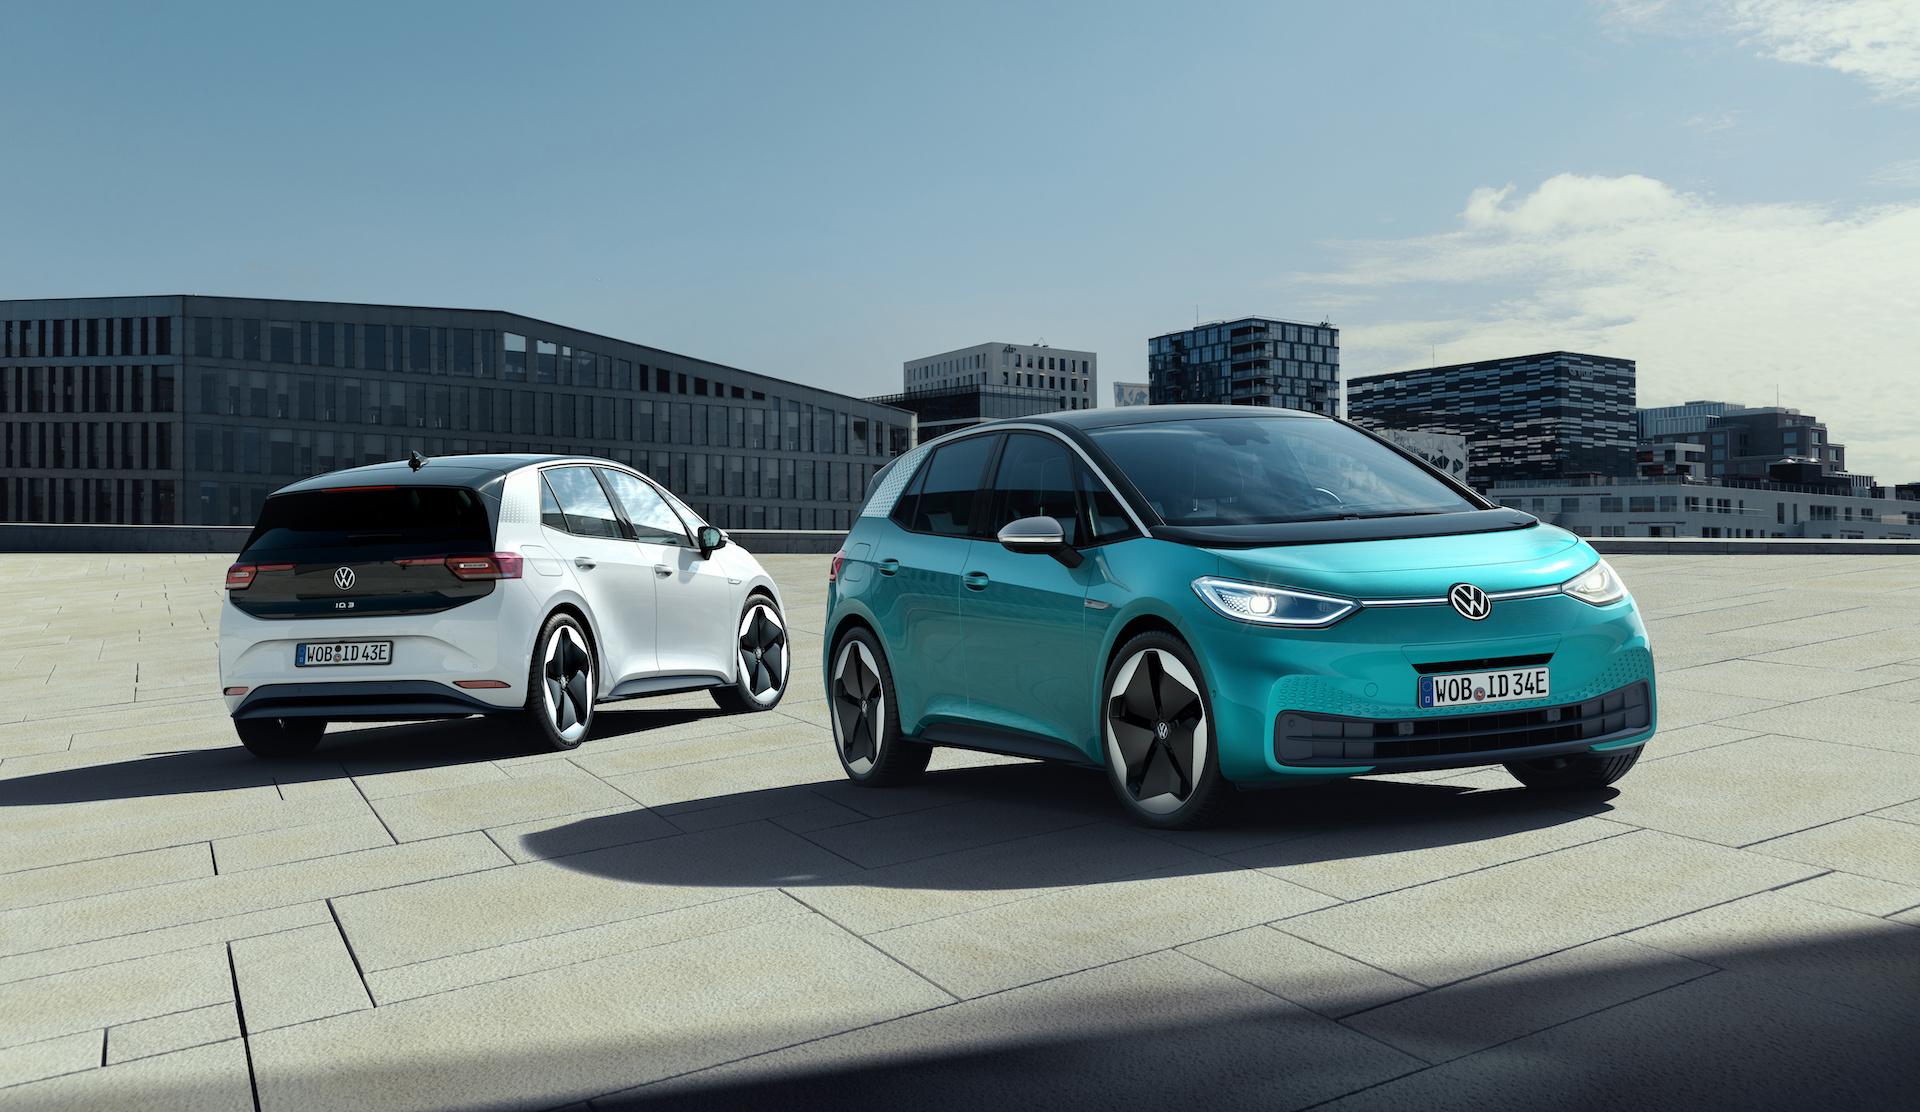 Volkswagen évoque déjà une version sportive de l'ID.3 électrique